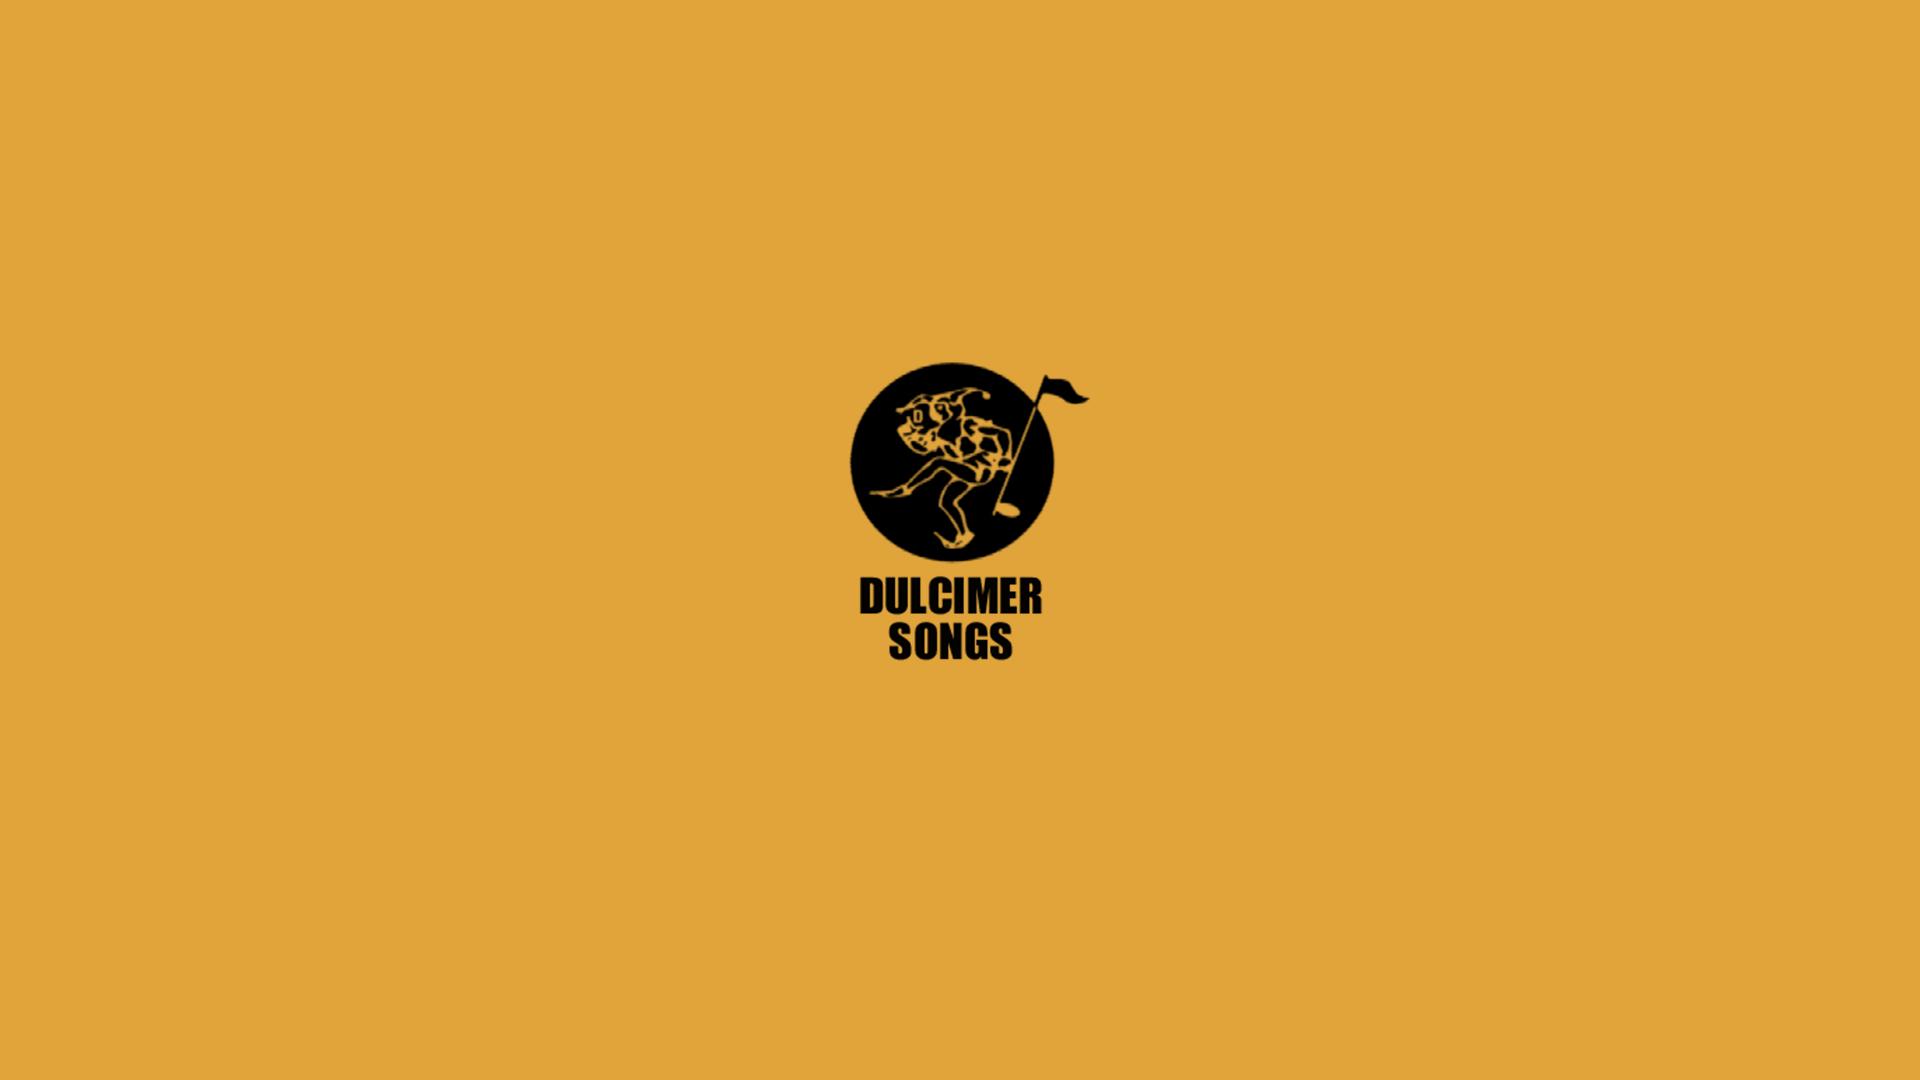 Dulcimer Songs